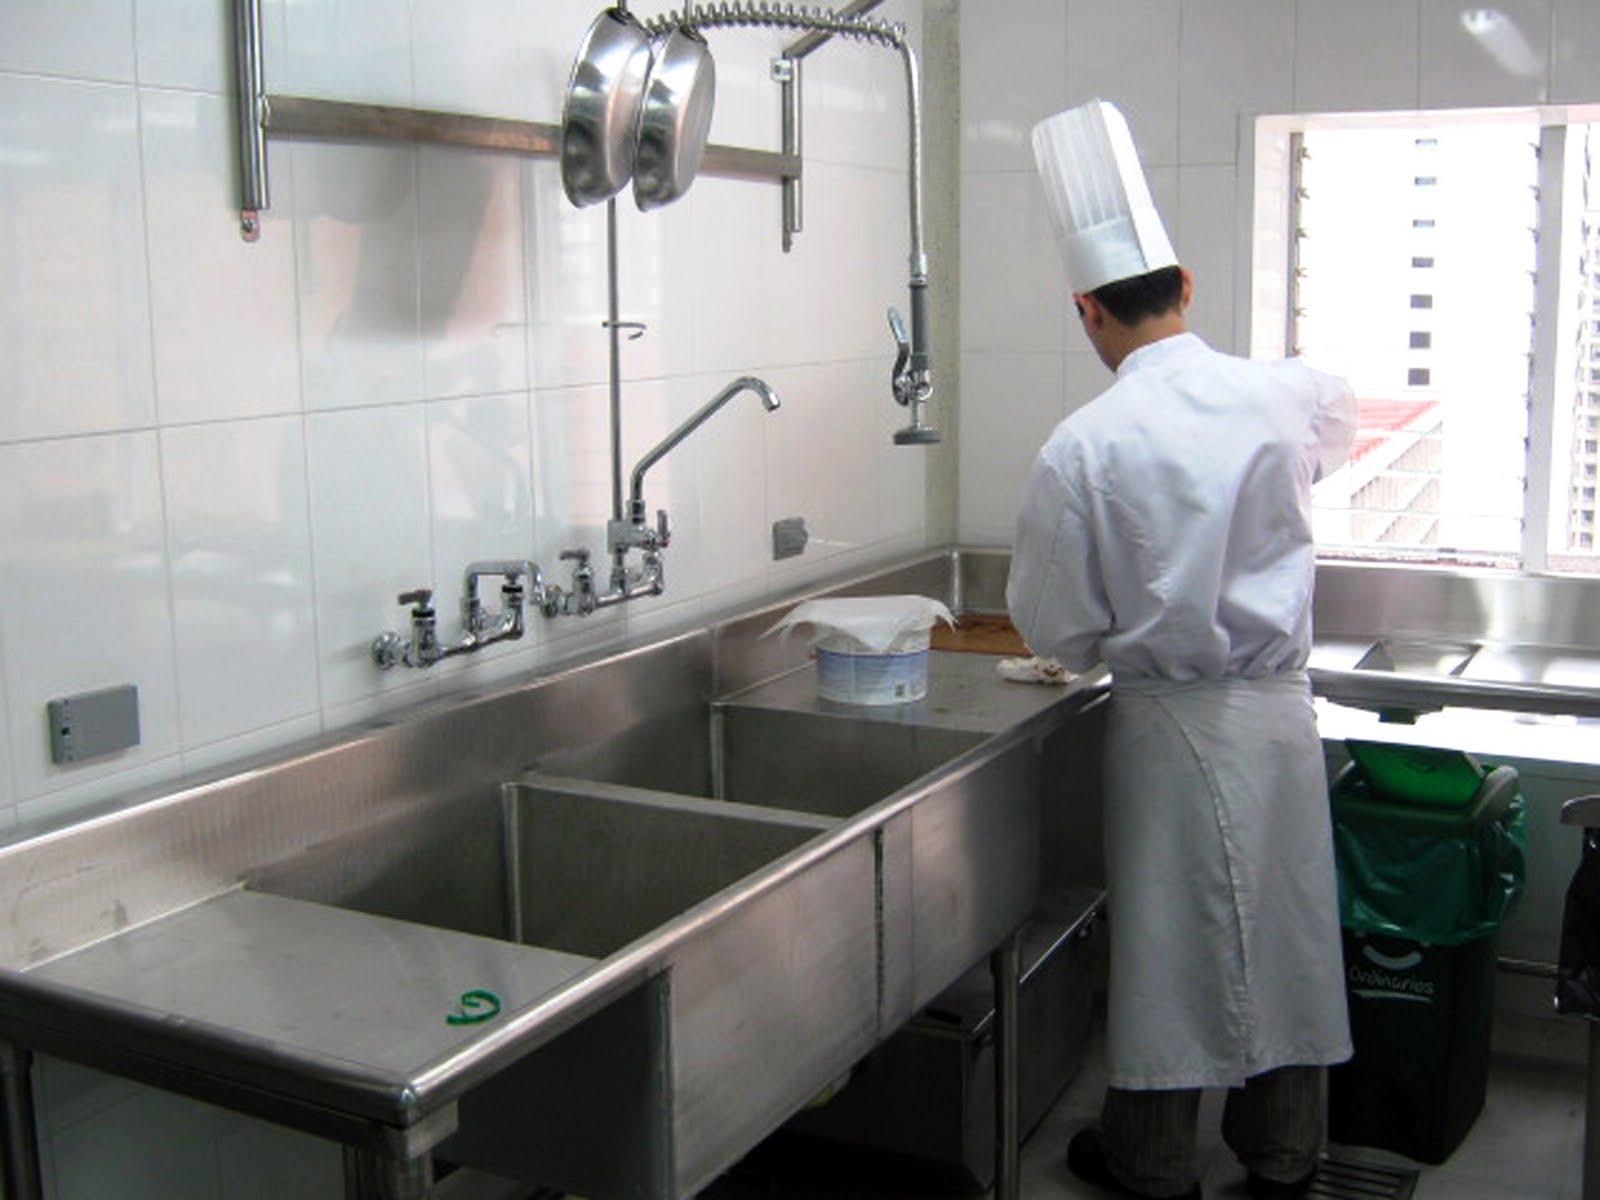 material de cocina industrial heladeria normas de higiene personal utensilios y